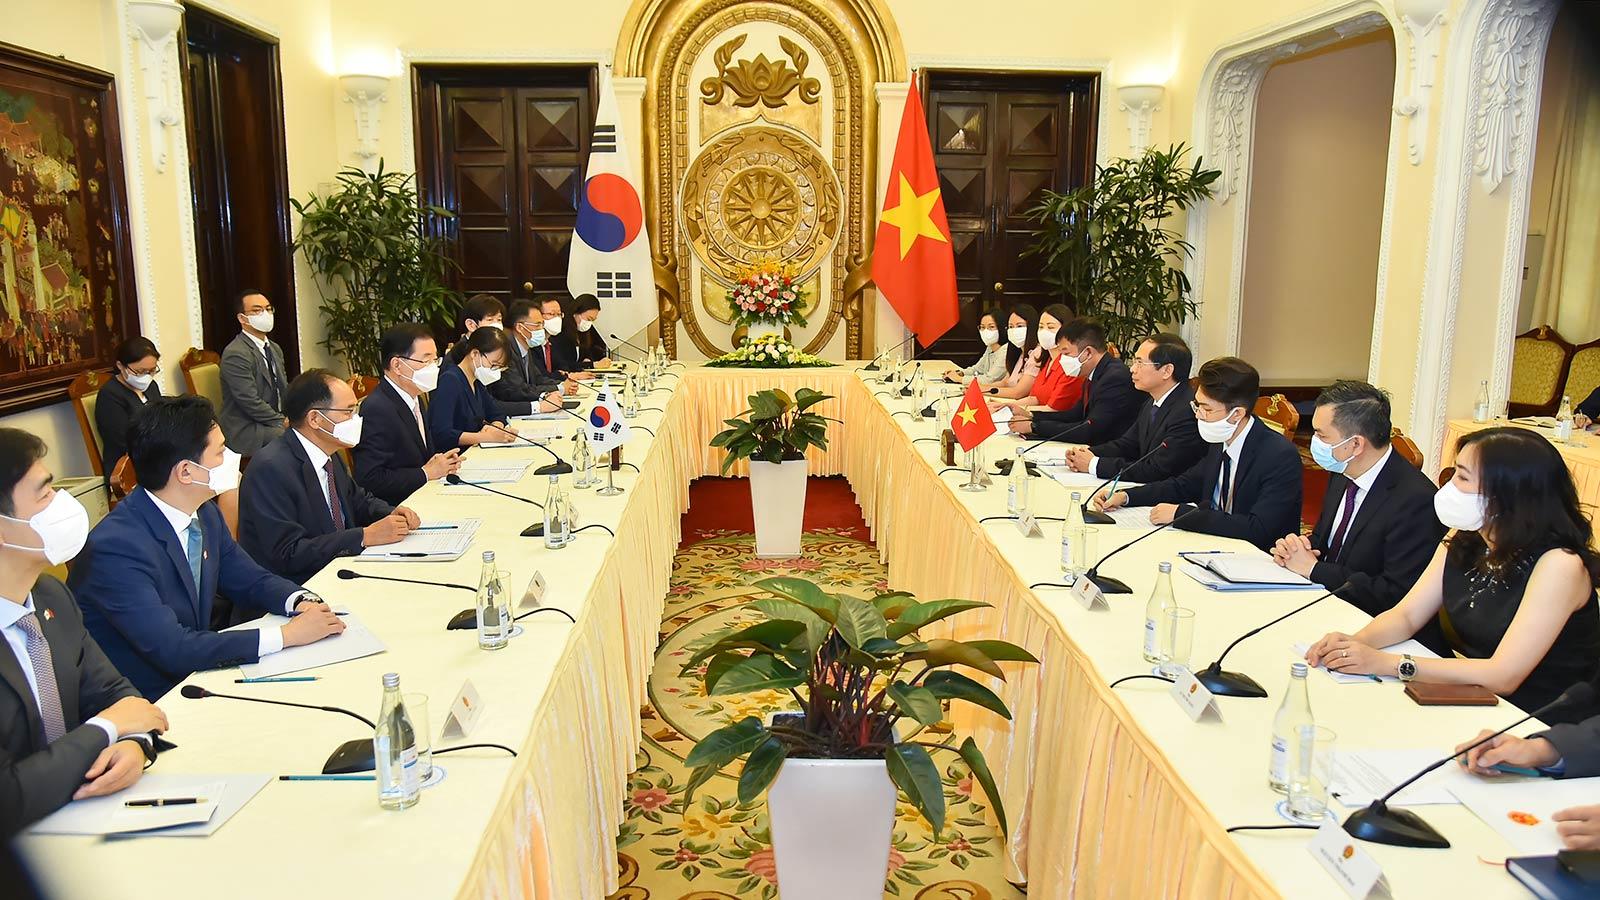 Bộ trưởng Ngoại giao Bùi Thanh Sơn hội đàm với Bộ trưởng Ngoại giao Hàn Quốc Chung Eui Yong.